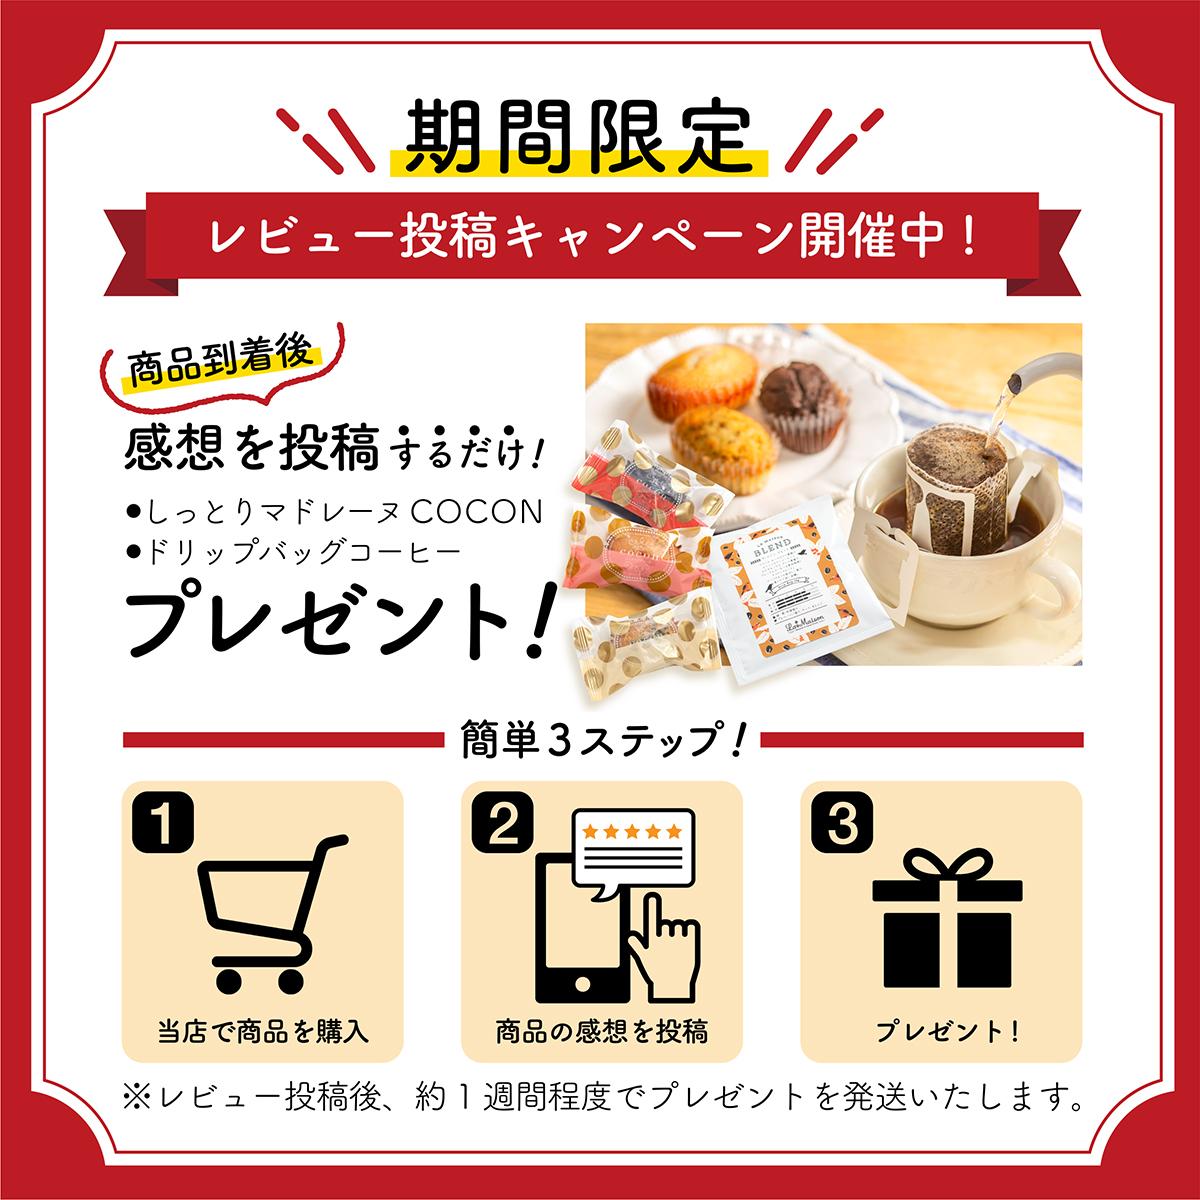 ル ガール ベイクドチーズタルト【センター北店直送】